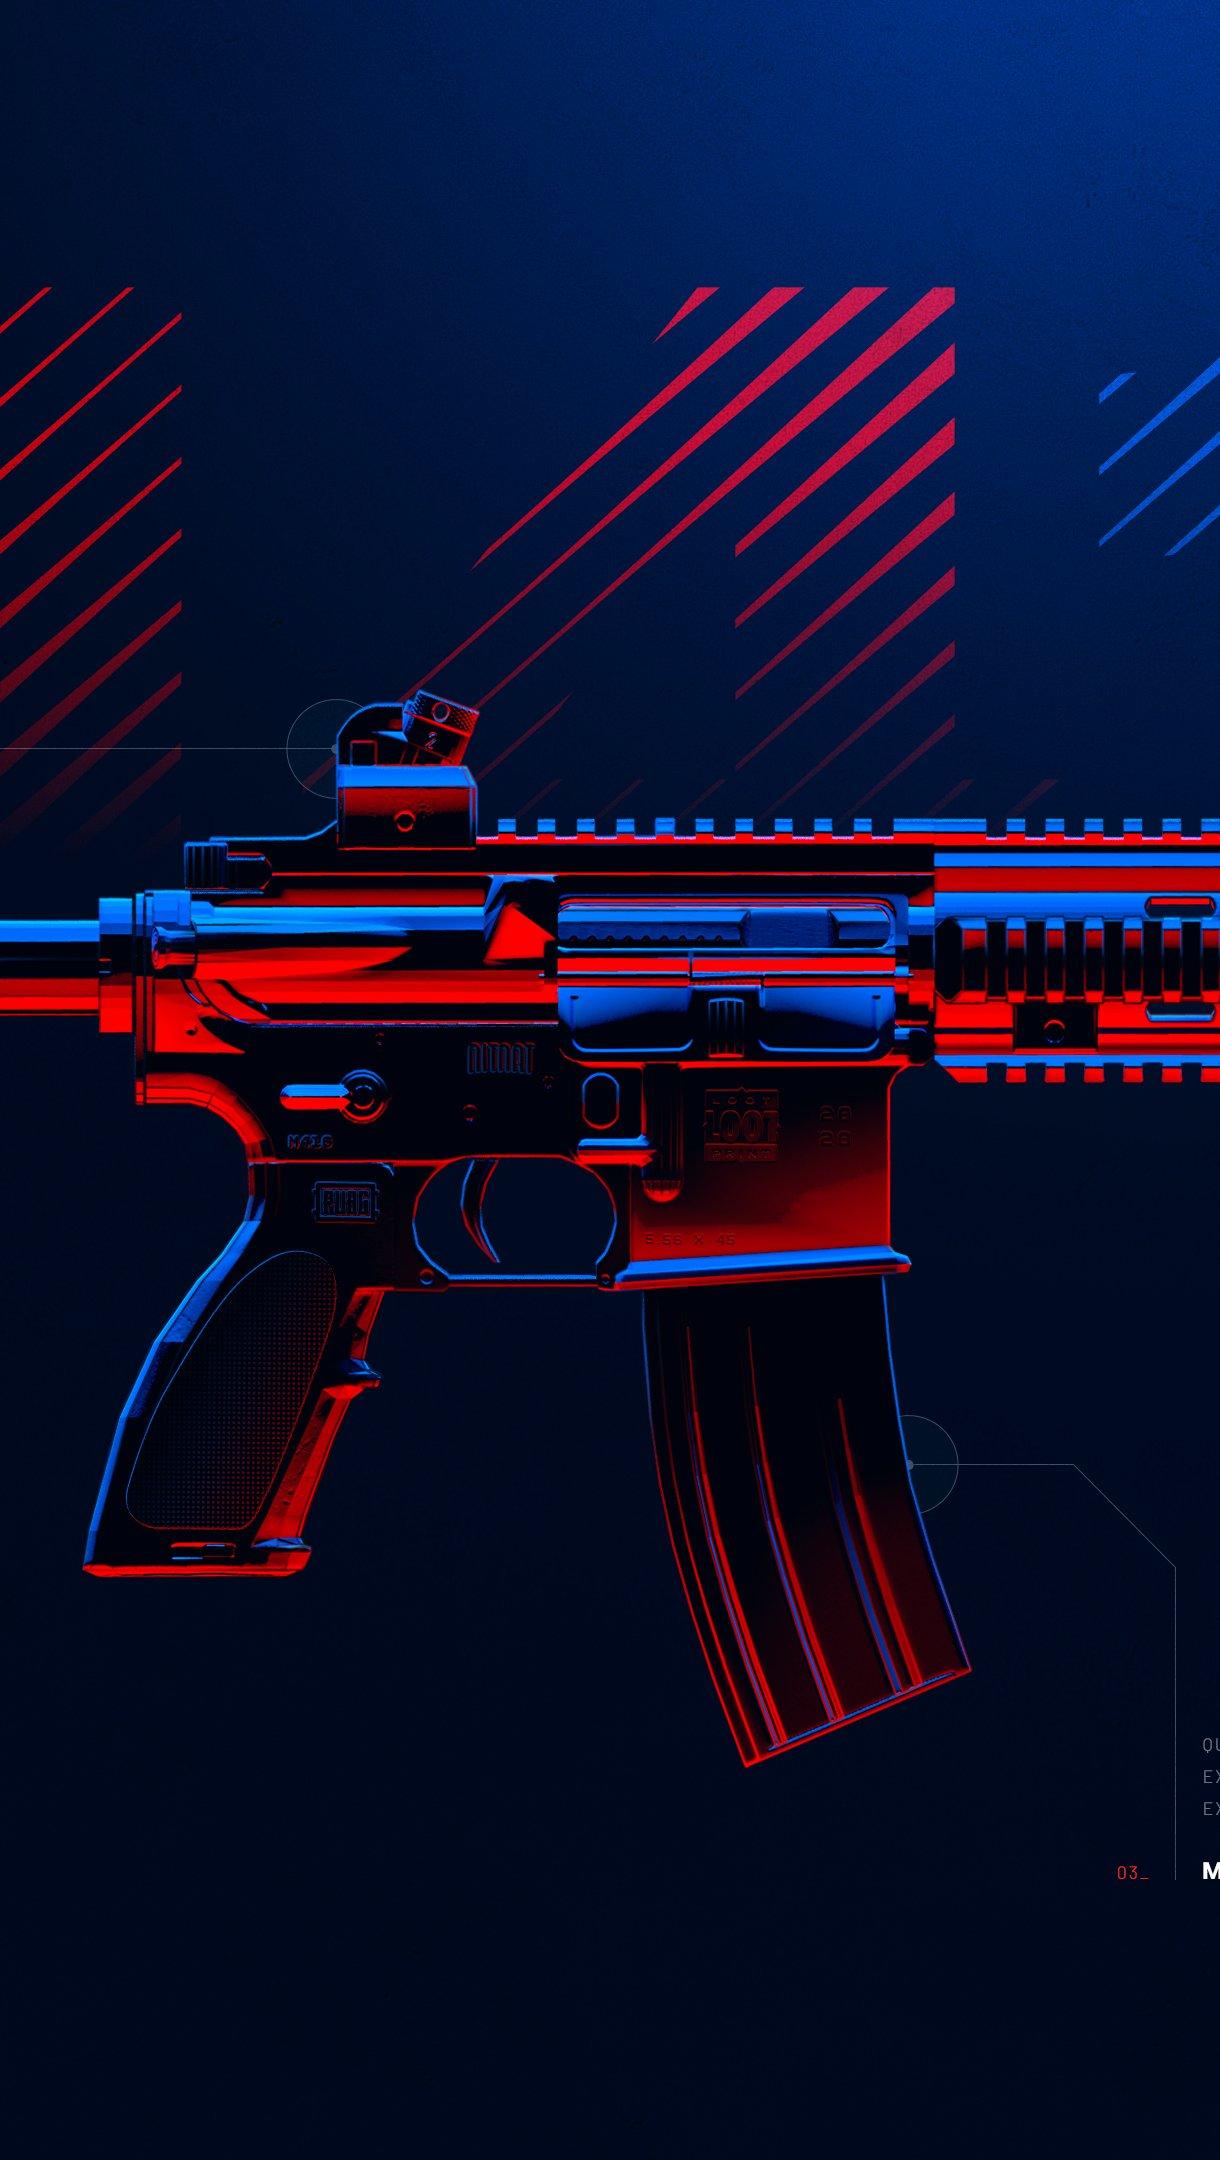 Fondos de pantalla Arma M416 de PUBG Vertical